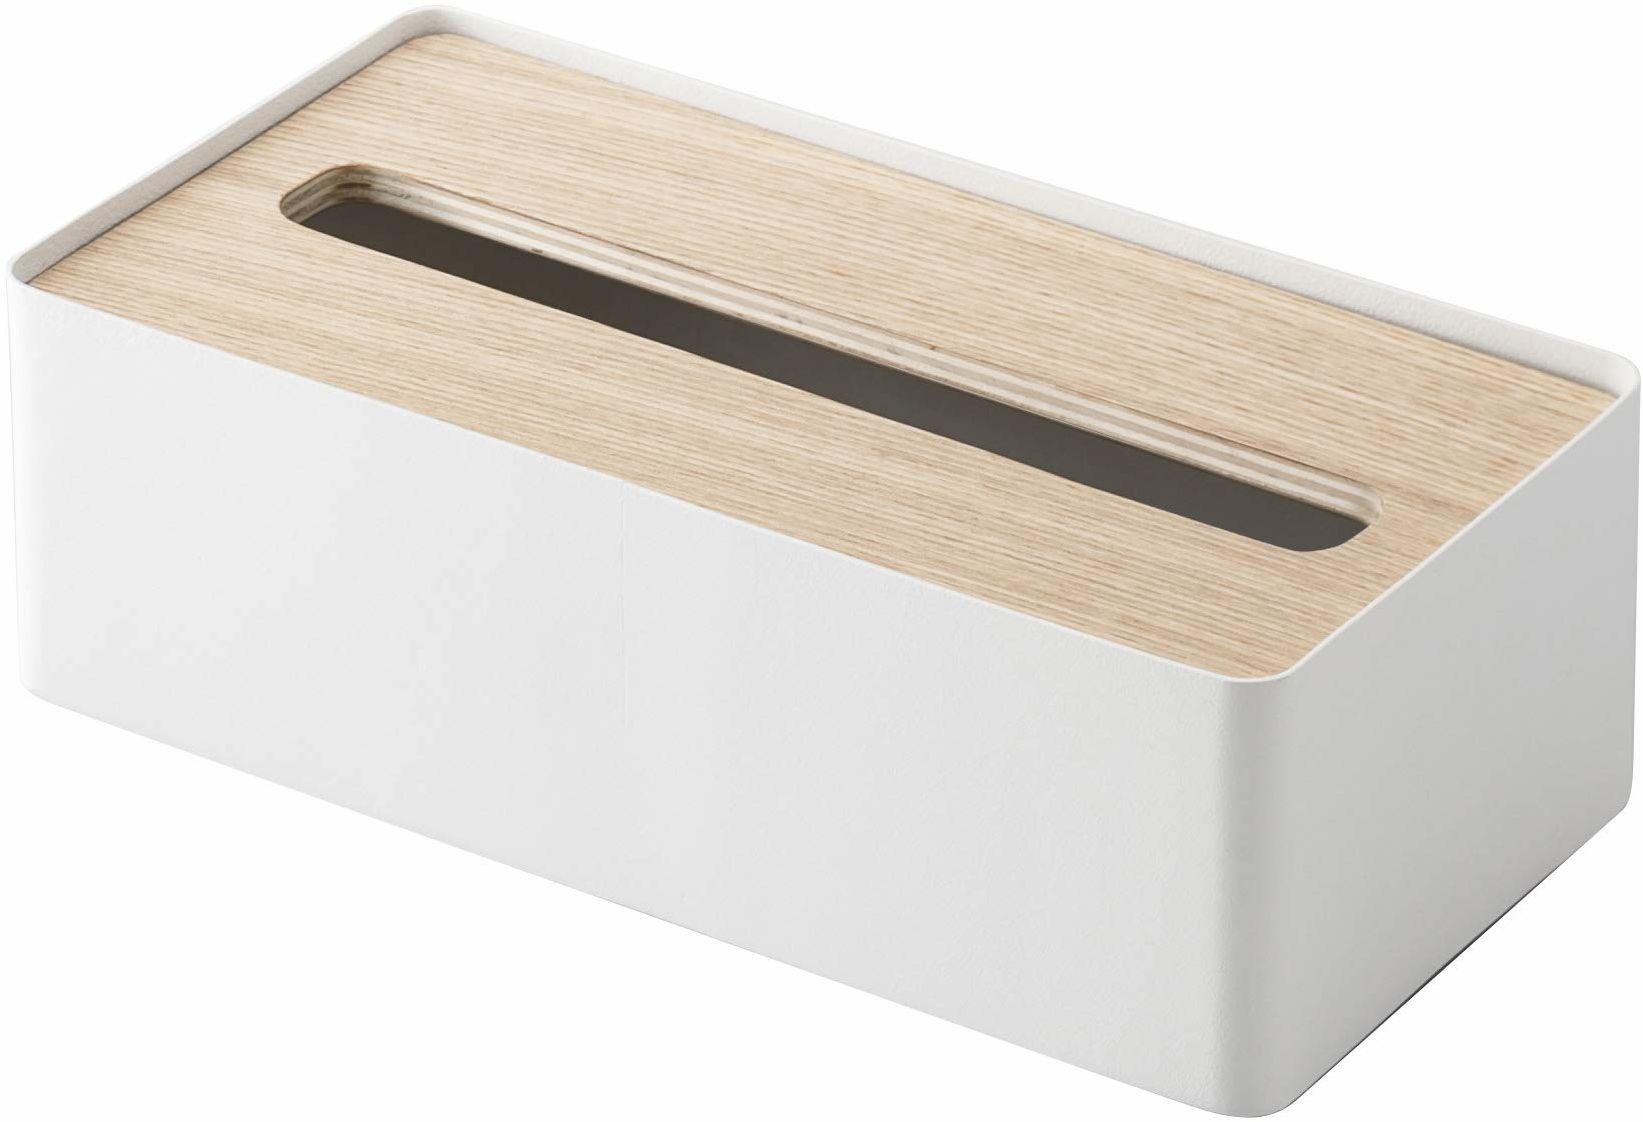 YAMAZAKI Rin pudełko na chusteczki, białe, jeden rozmiar